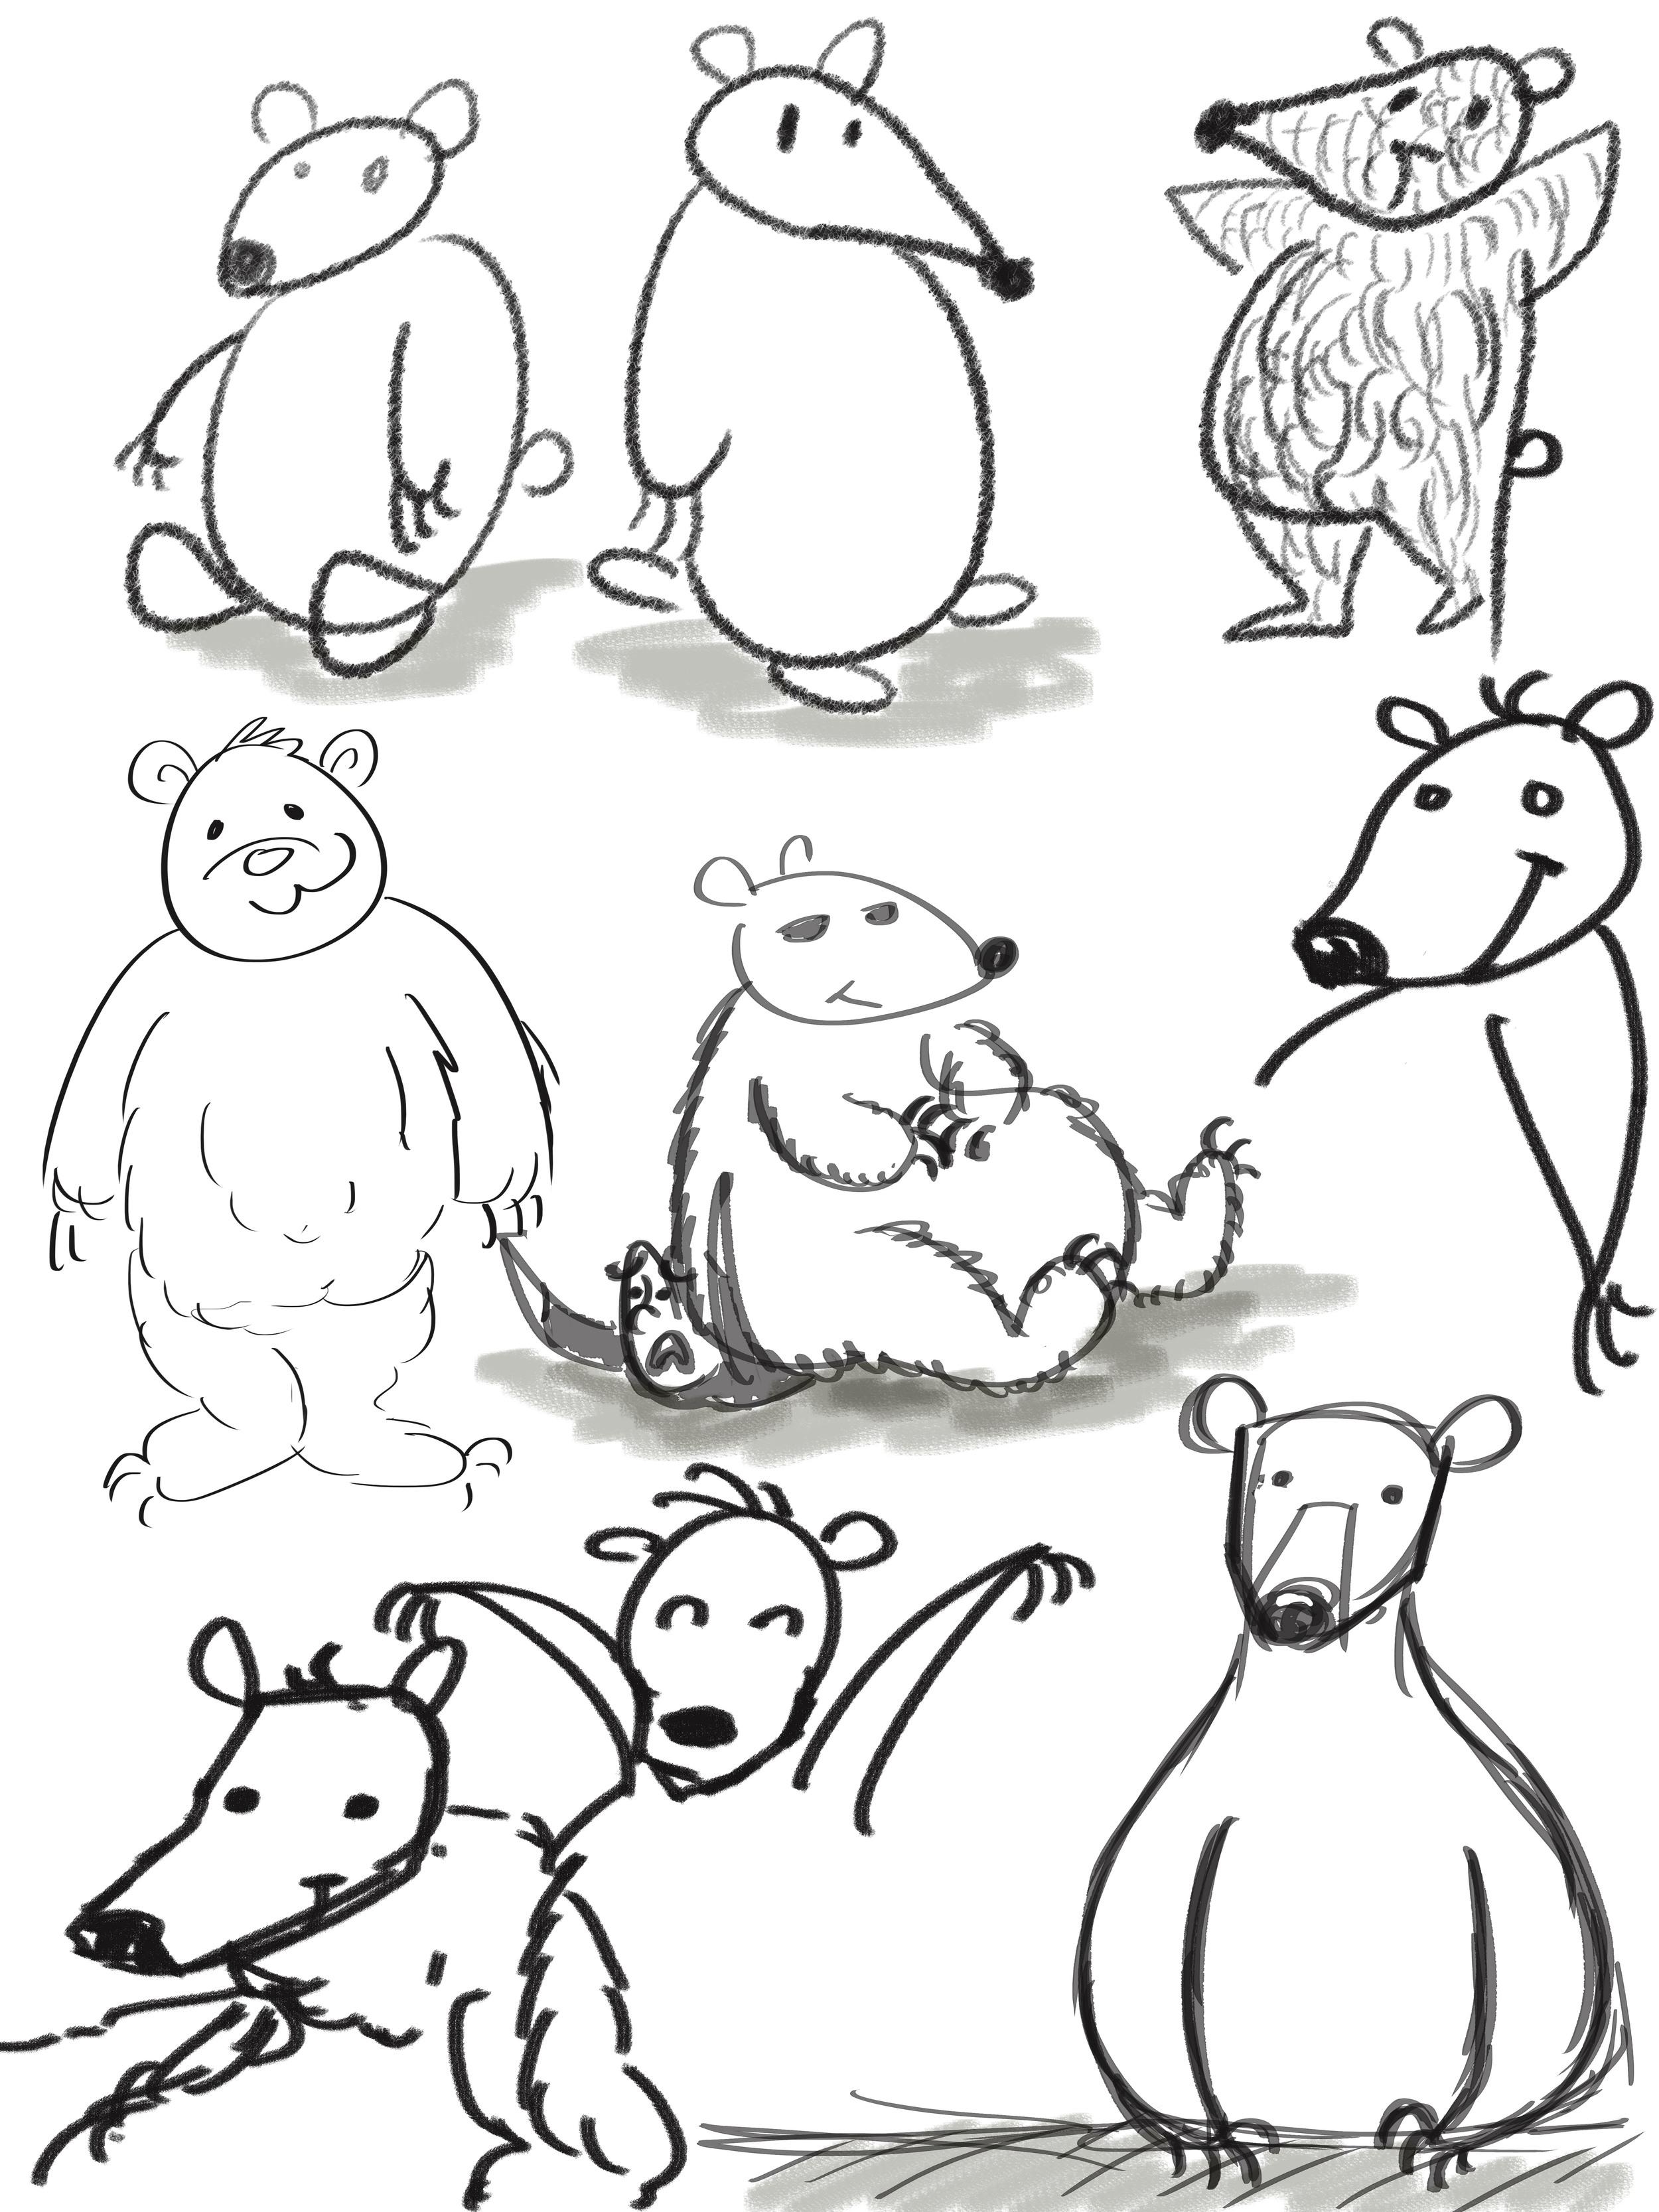 bear_sketch.jpg